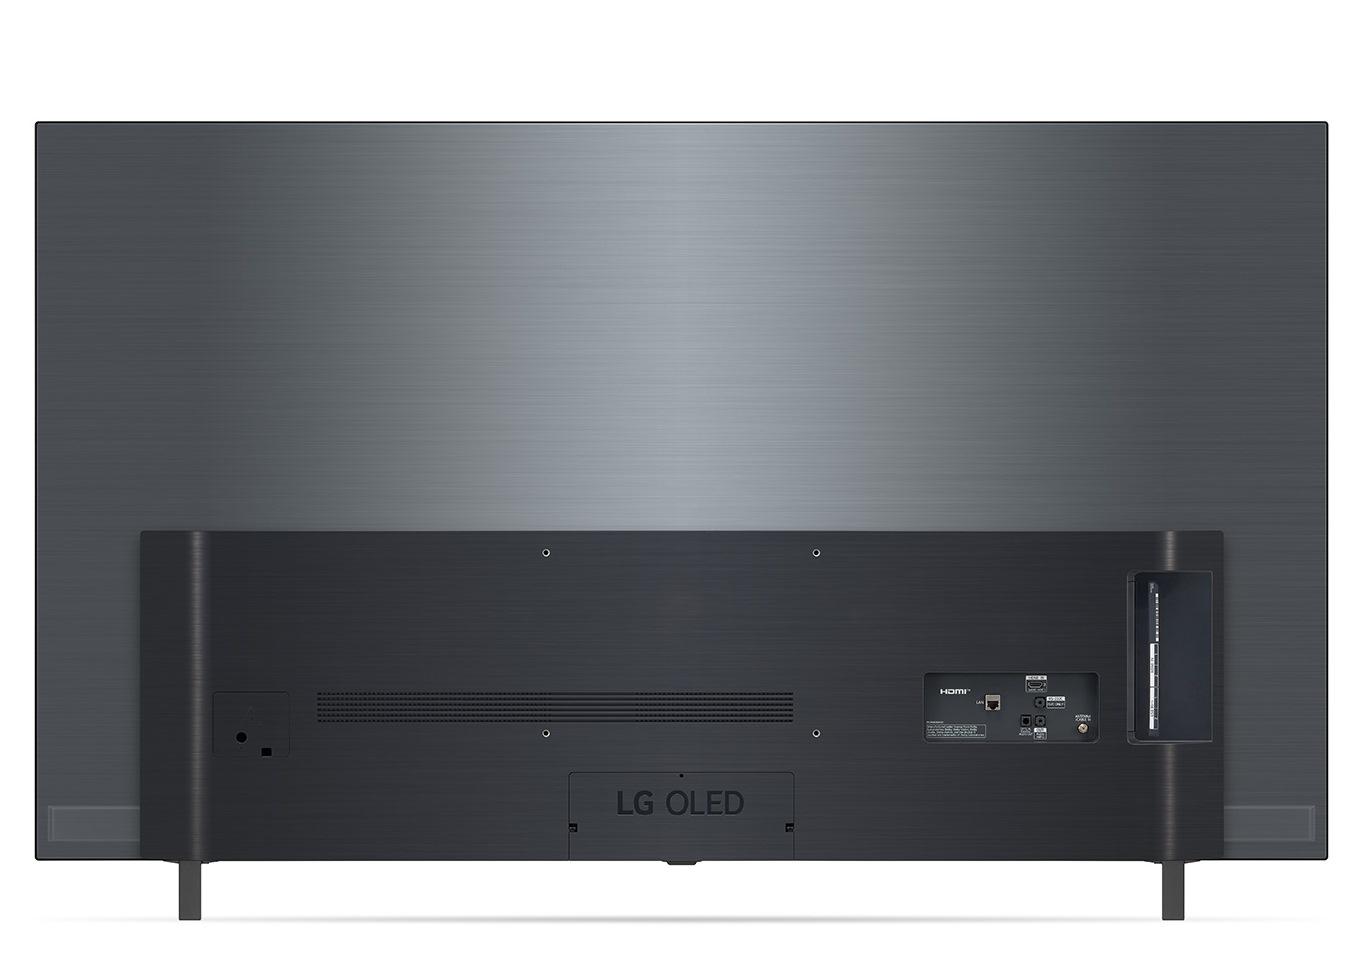 טלוויזיה 65 אינץ' דגם OLED 65A16LA/PVA  בטכנולוגיית LG OLED 4K Ultra HD אל ג'י - תמונה 8